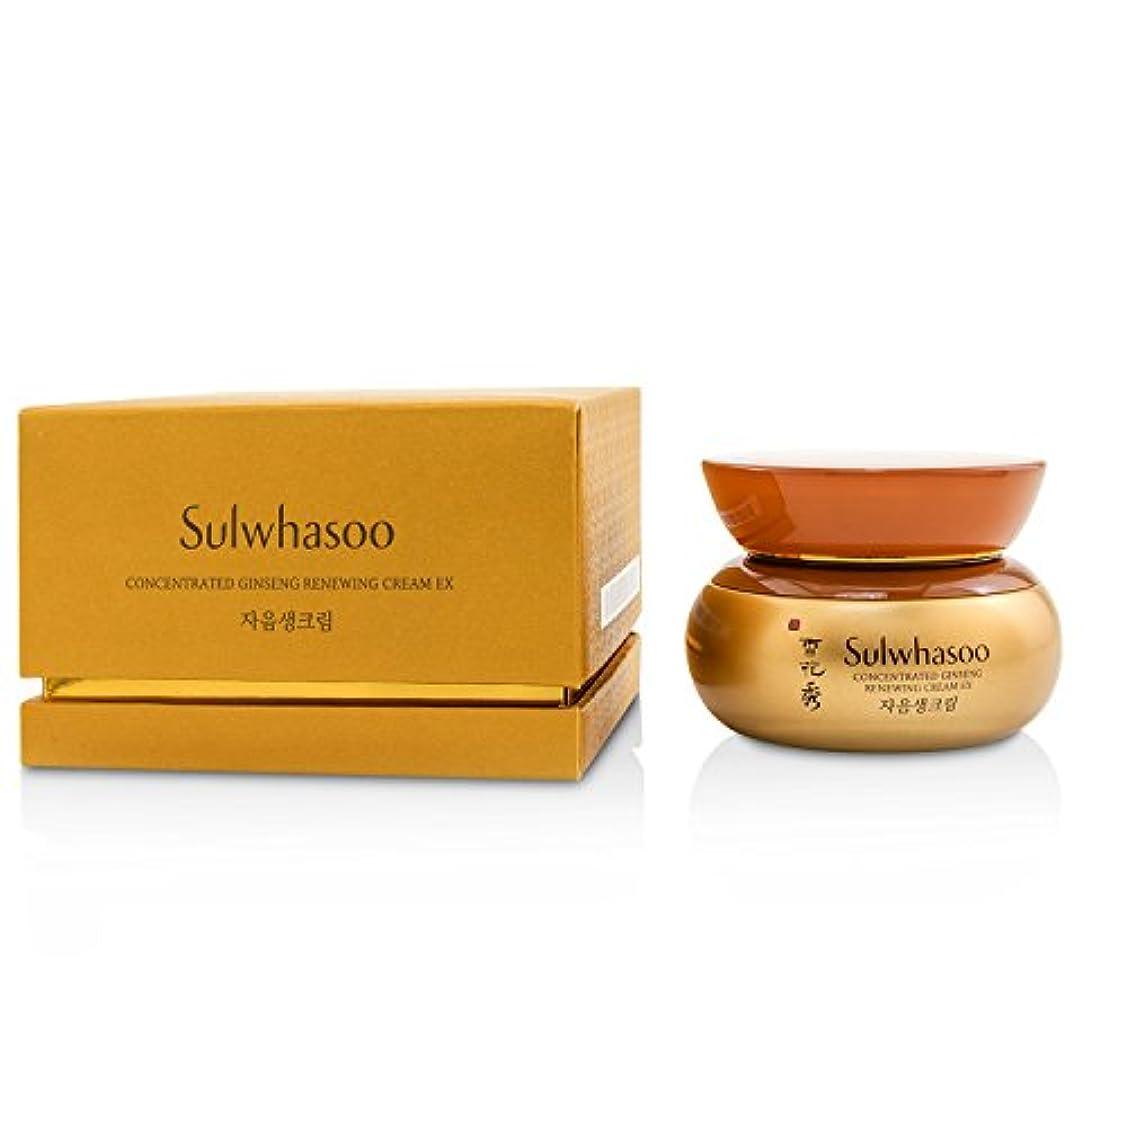 値下げフォージ聞きますソルファス Concentrated Ginseng Renewing Cream EX 60ml/2.02oz並行輸入品